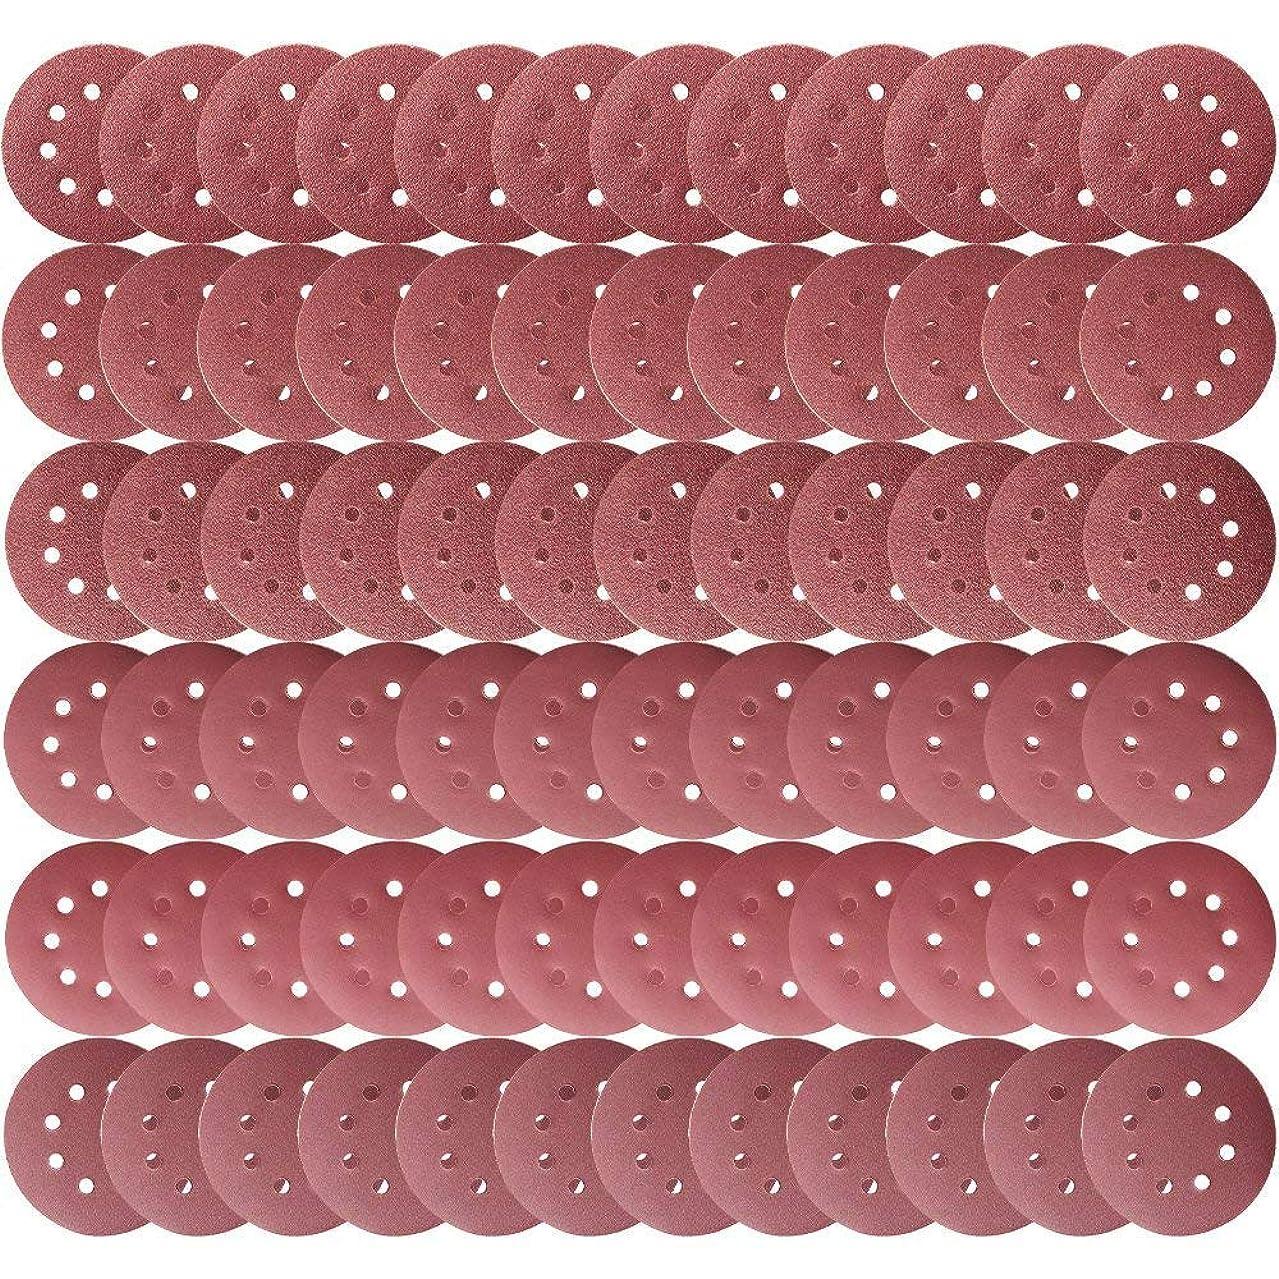 罪人遠征ミュージカルTeenitor サンダーペーパー 125mmφ 72枚 サンディングディスク 電動サンダー用 サンディングパット 木工用 ランダムアクションサンダー用 サンディング 研磨 サンダー用紙やすり #40#60#80#180#240#320